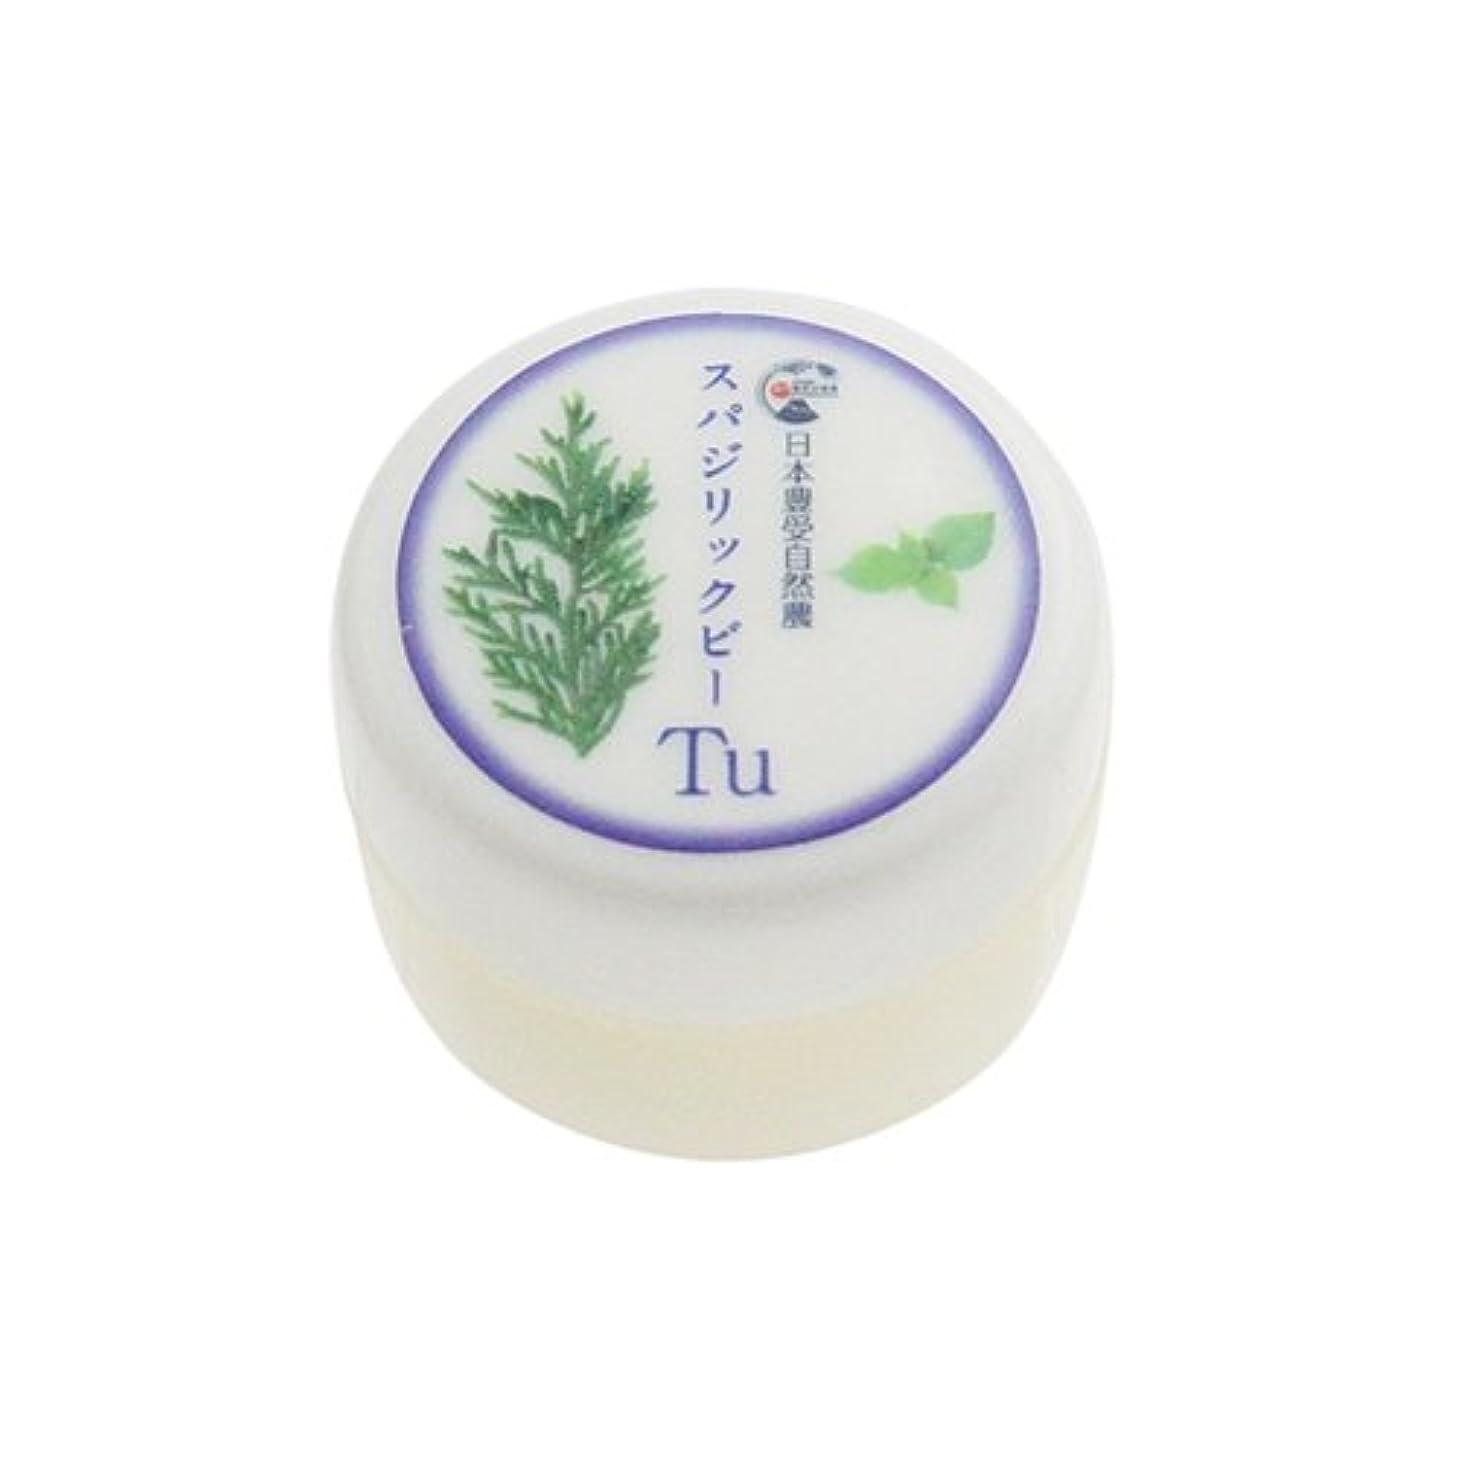 メーター地区亡命日本豊受自然農 スパジリック ビーTu(小) 10g